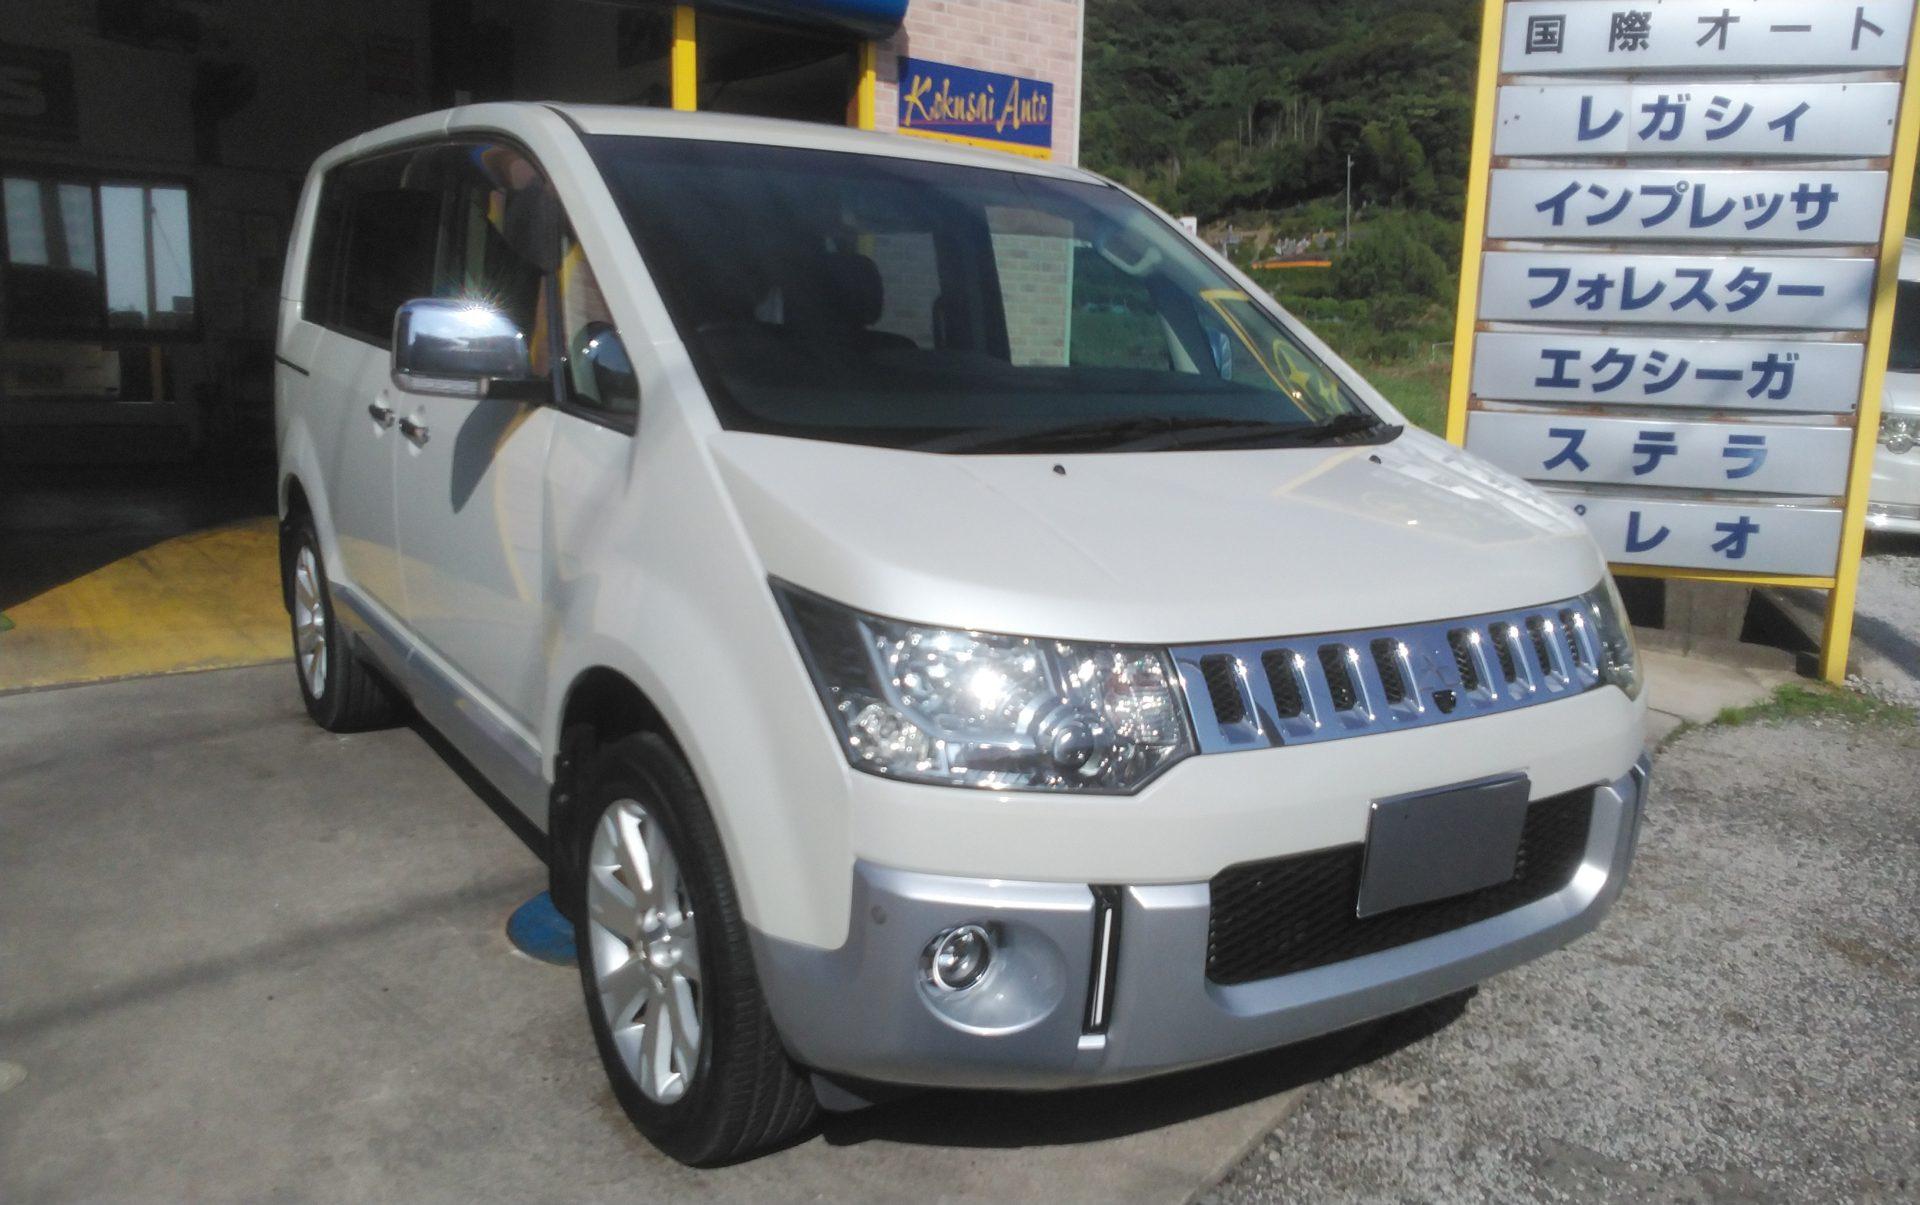 三菱 デリカD:5 Gプレミアム 4WD